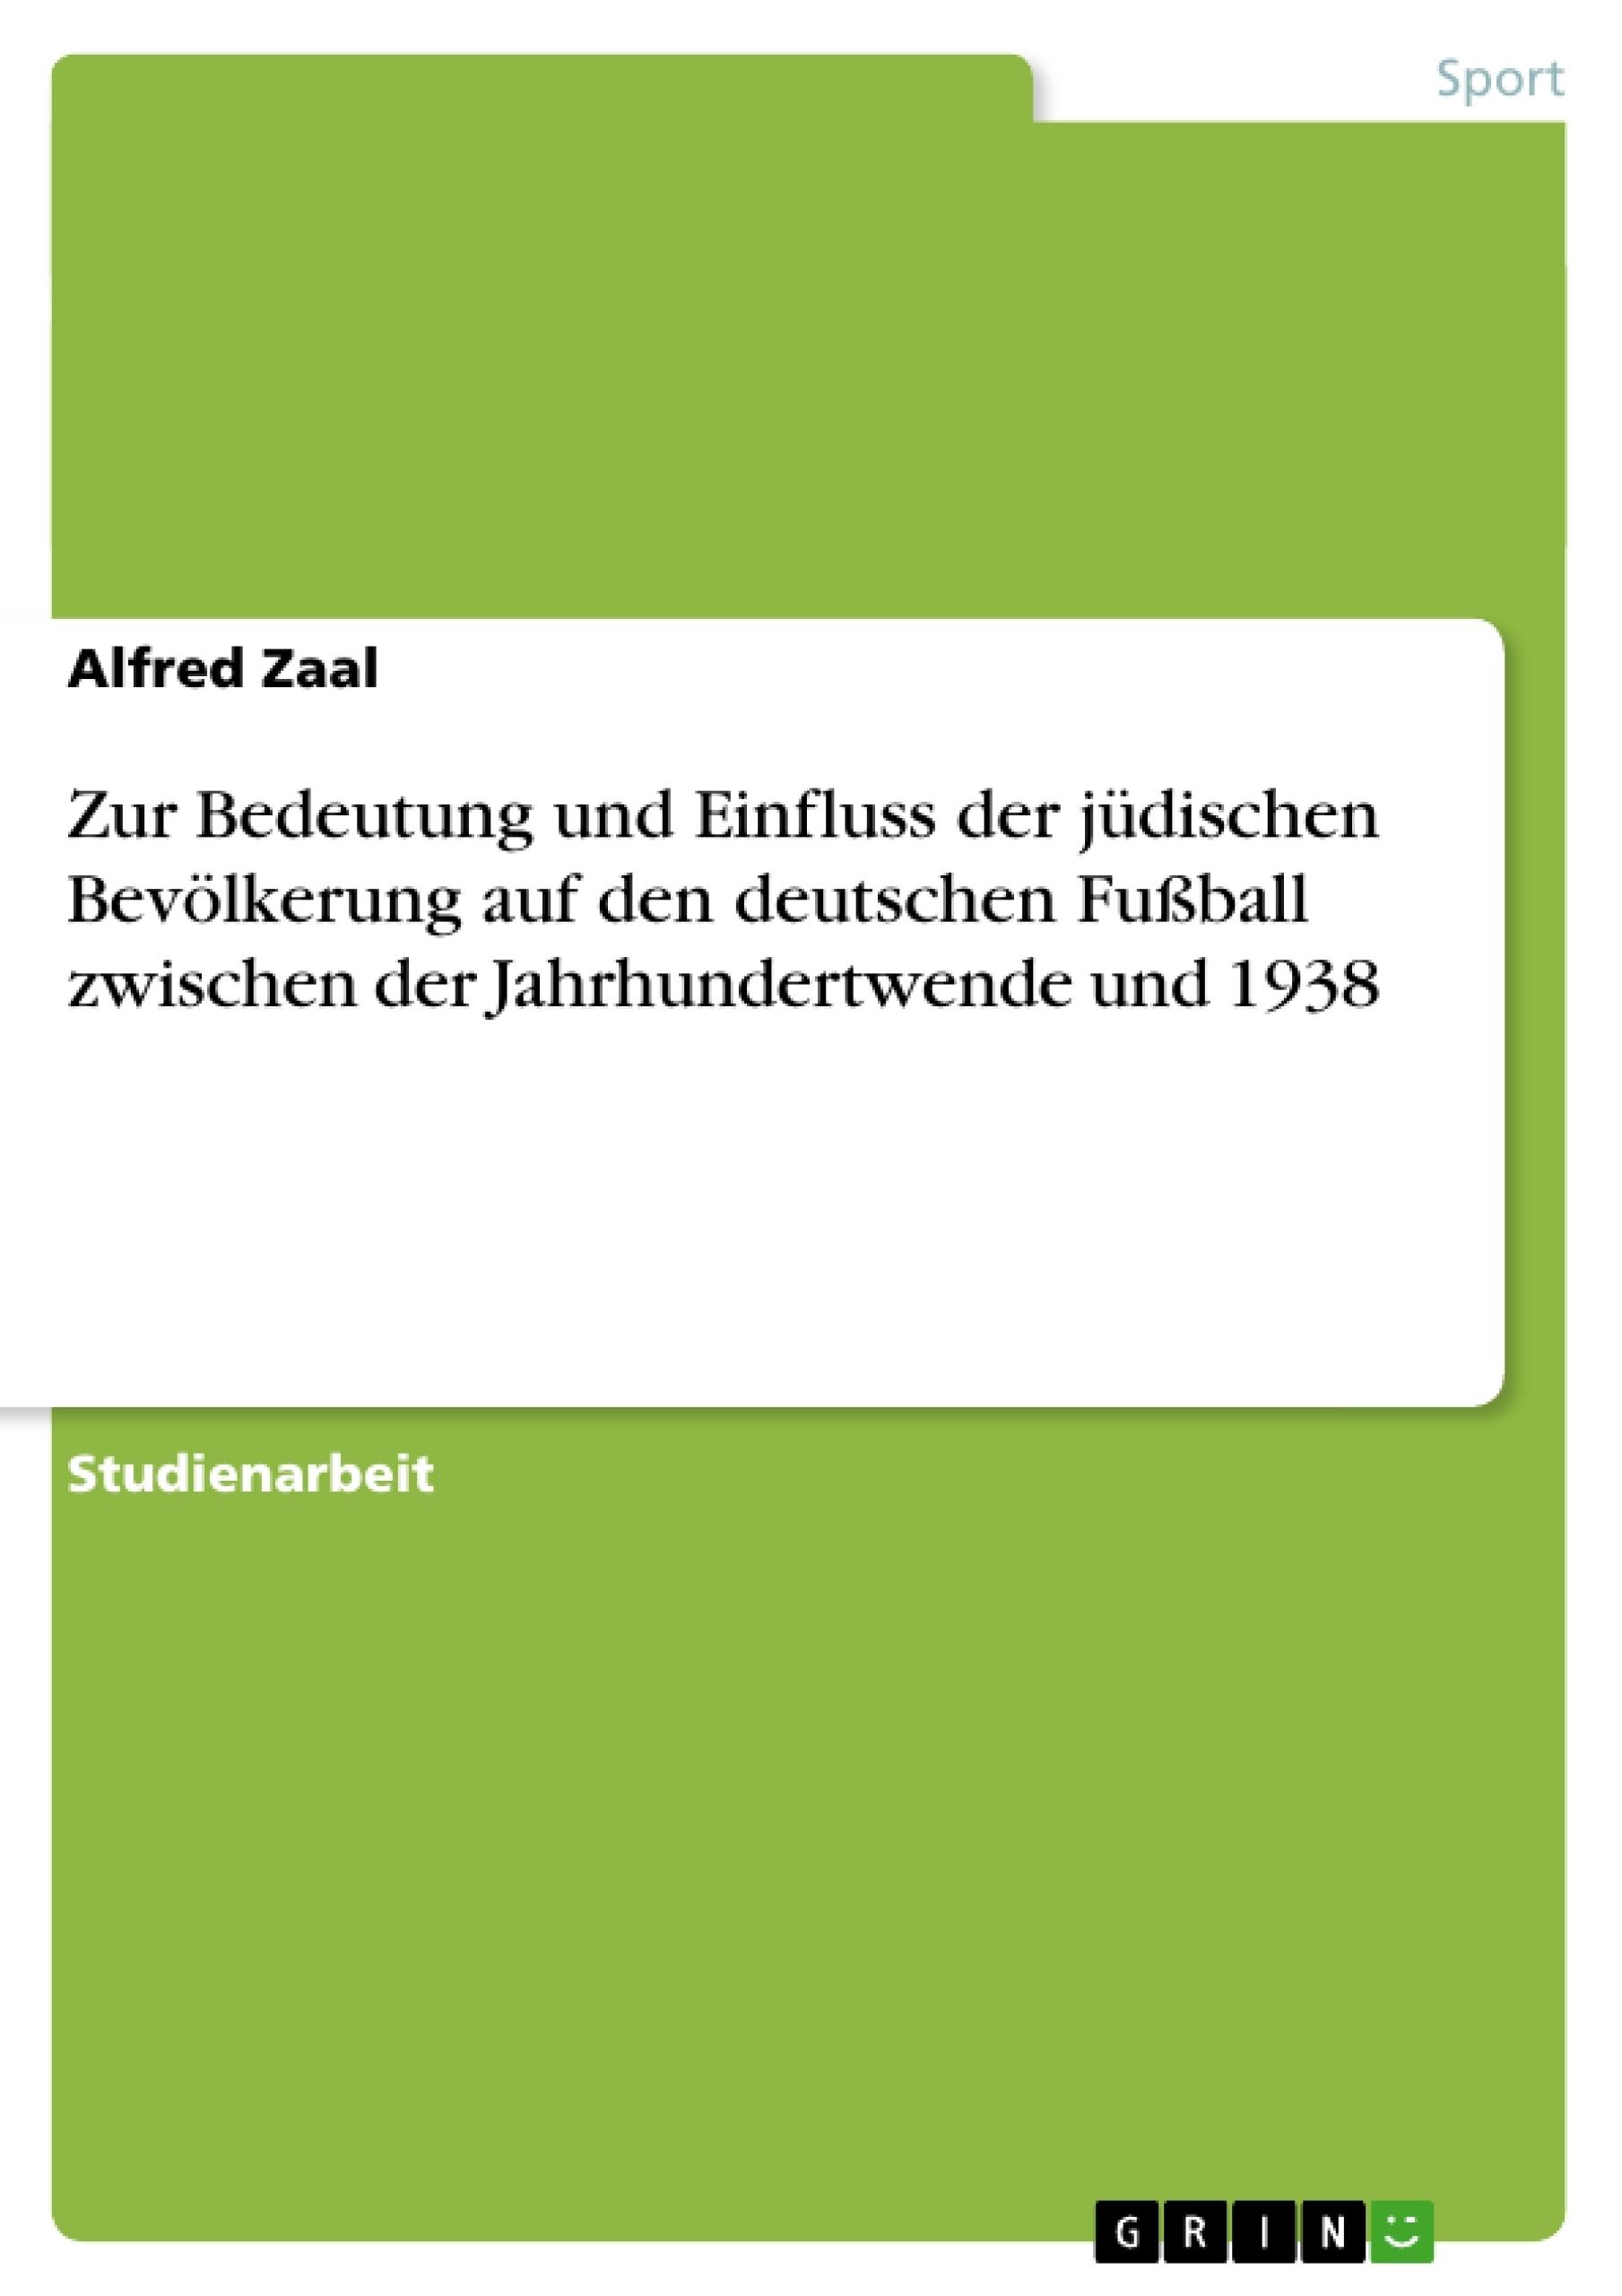 Titel: Zur Bedeutung und Einfluss der jüdischen Bevölkerung auf den deutschen Fußball zwischen der Jahrhundertwende und 1938